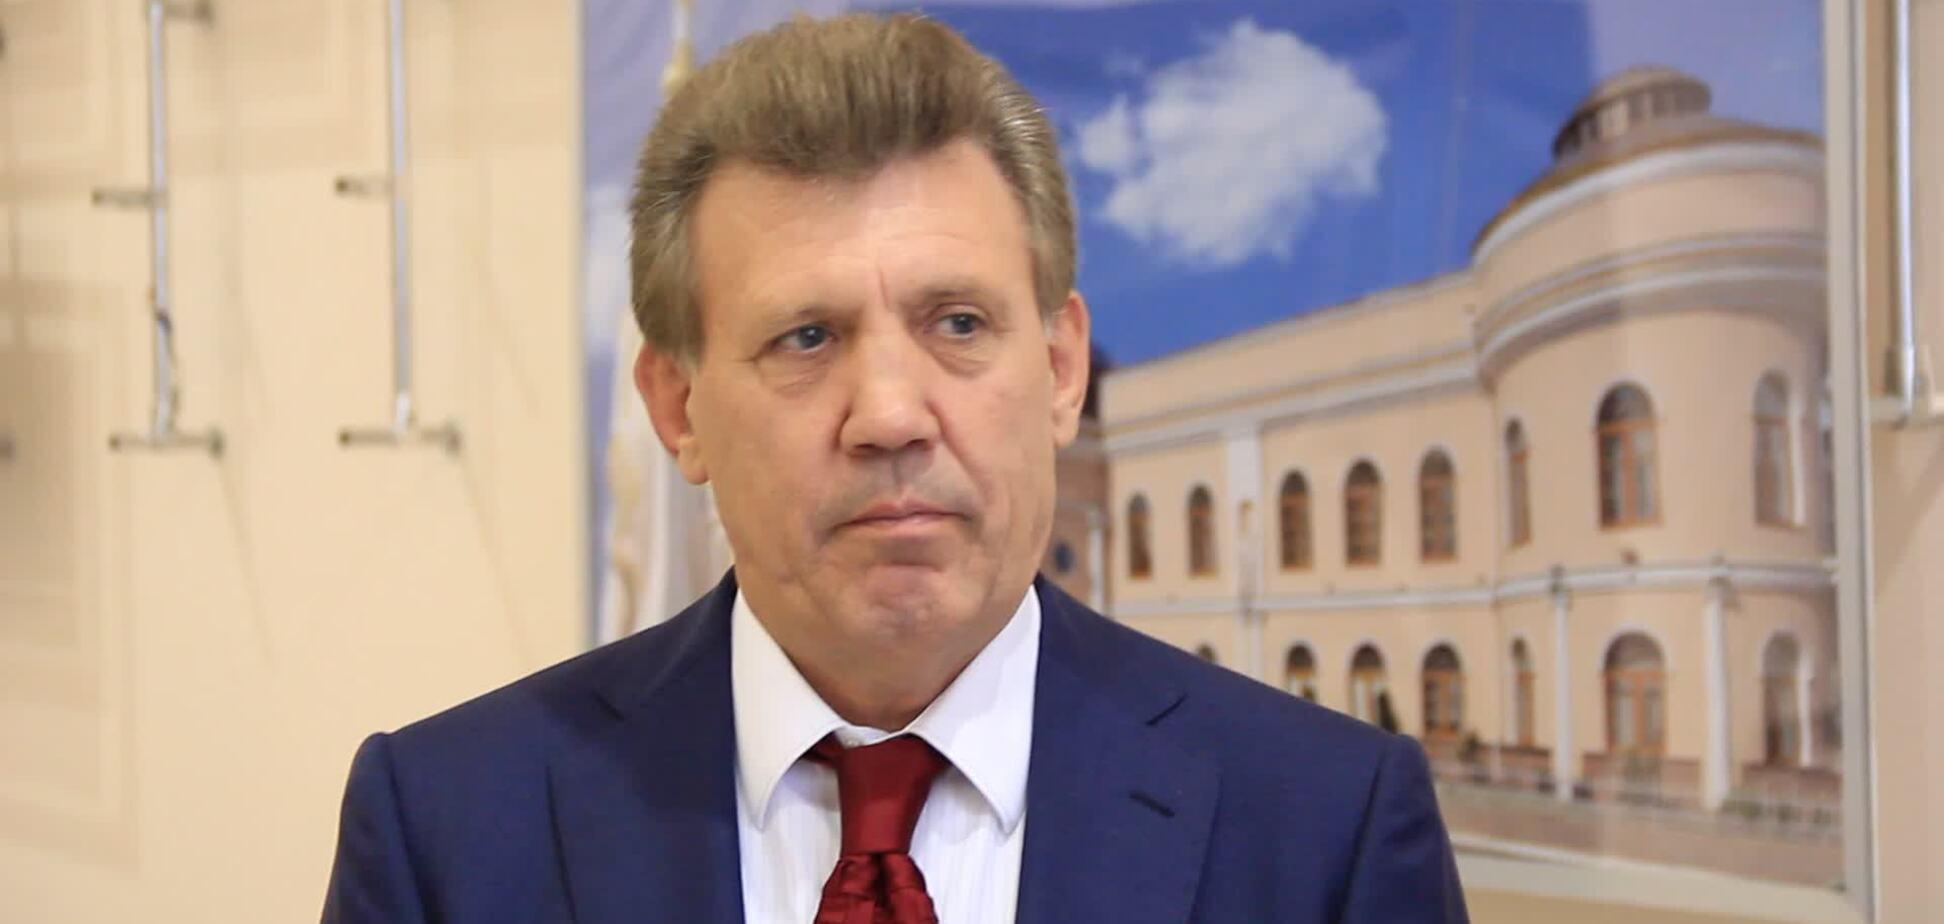 Ківалов назвав справжню мету законопроекту 'Про юридичну освіту'